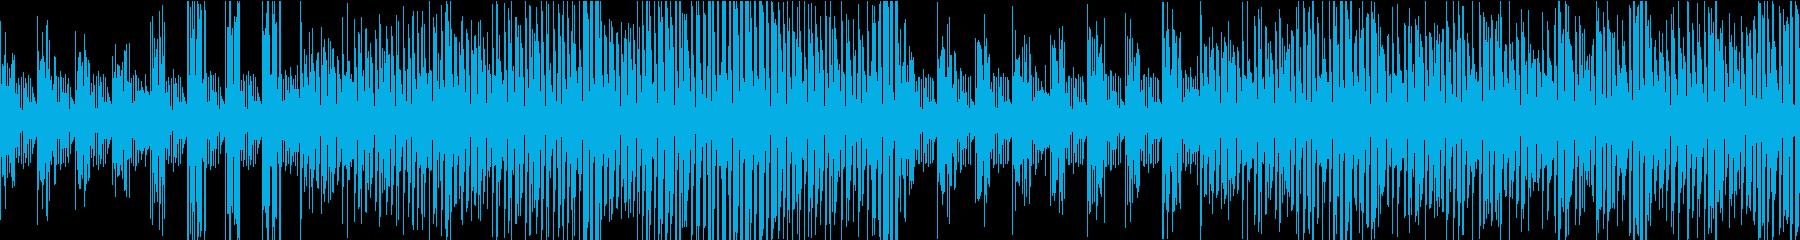 シンセベース音色が次々に変化するループ曲の再生済みの波形